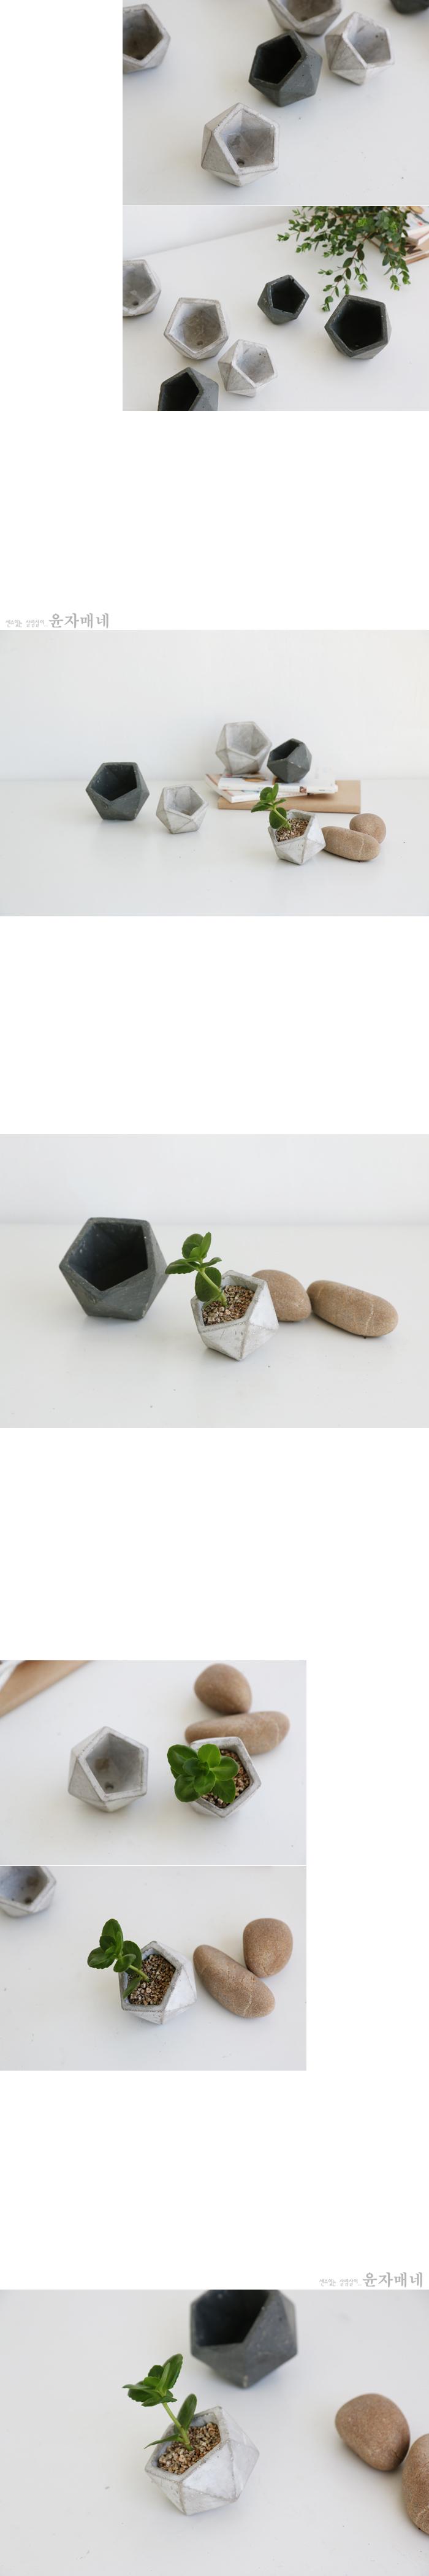 지오메트릭시멘트화분(2size-2color) - 윤자매네, 3,000원, 공화분, 도자기화분